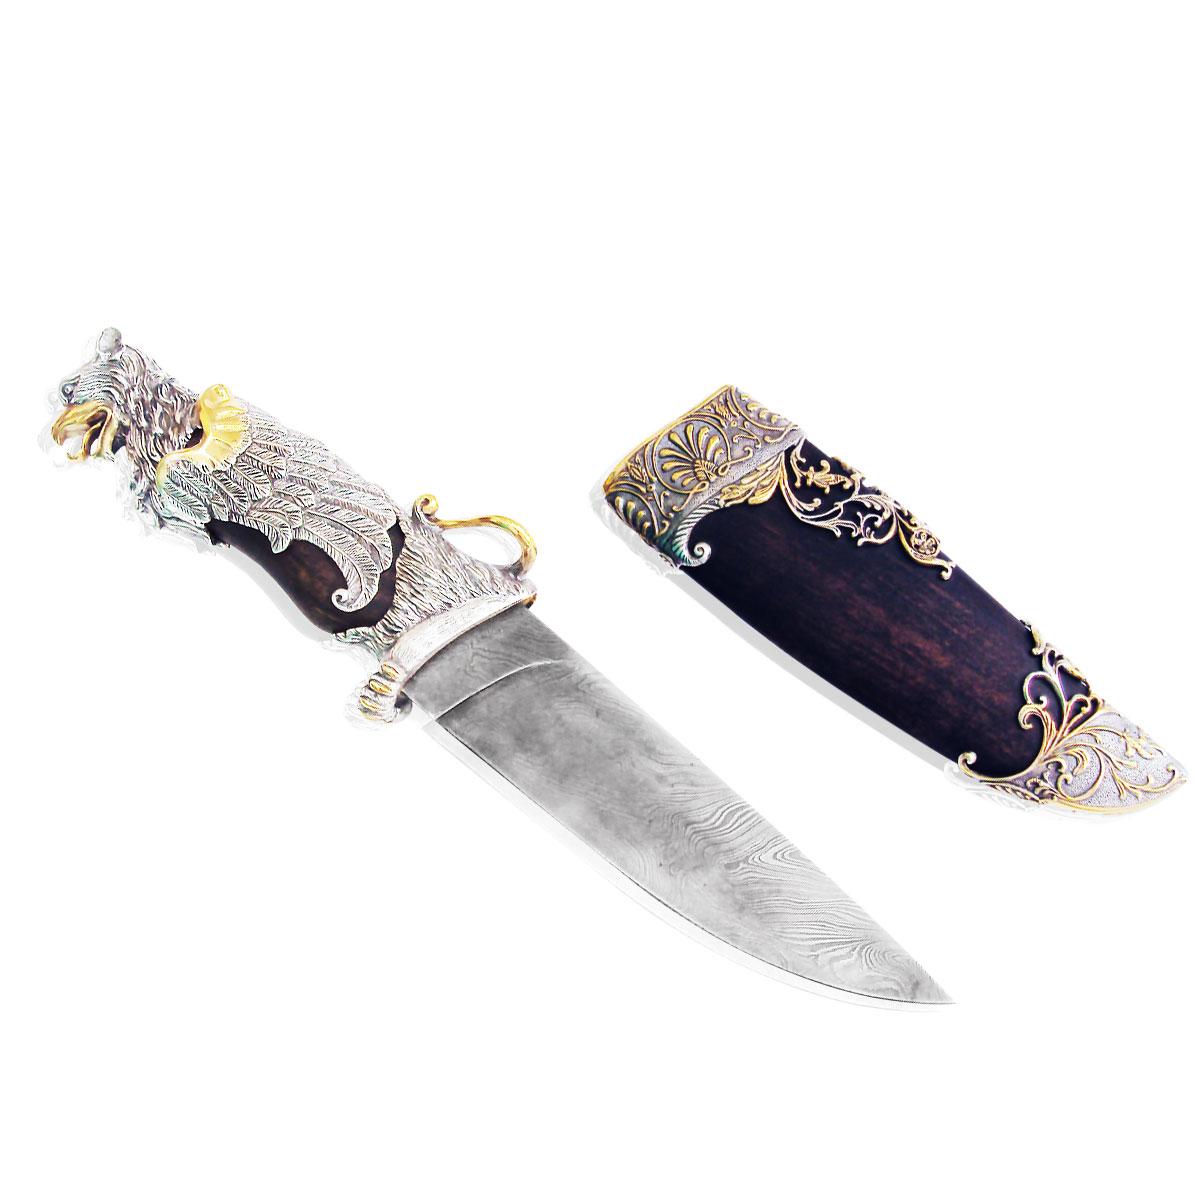 Серебряный охотничий нож с позолотой 'Грифон'